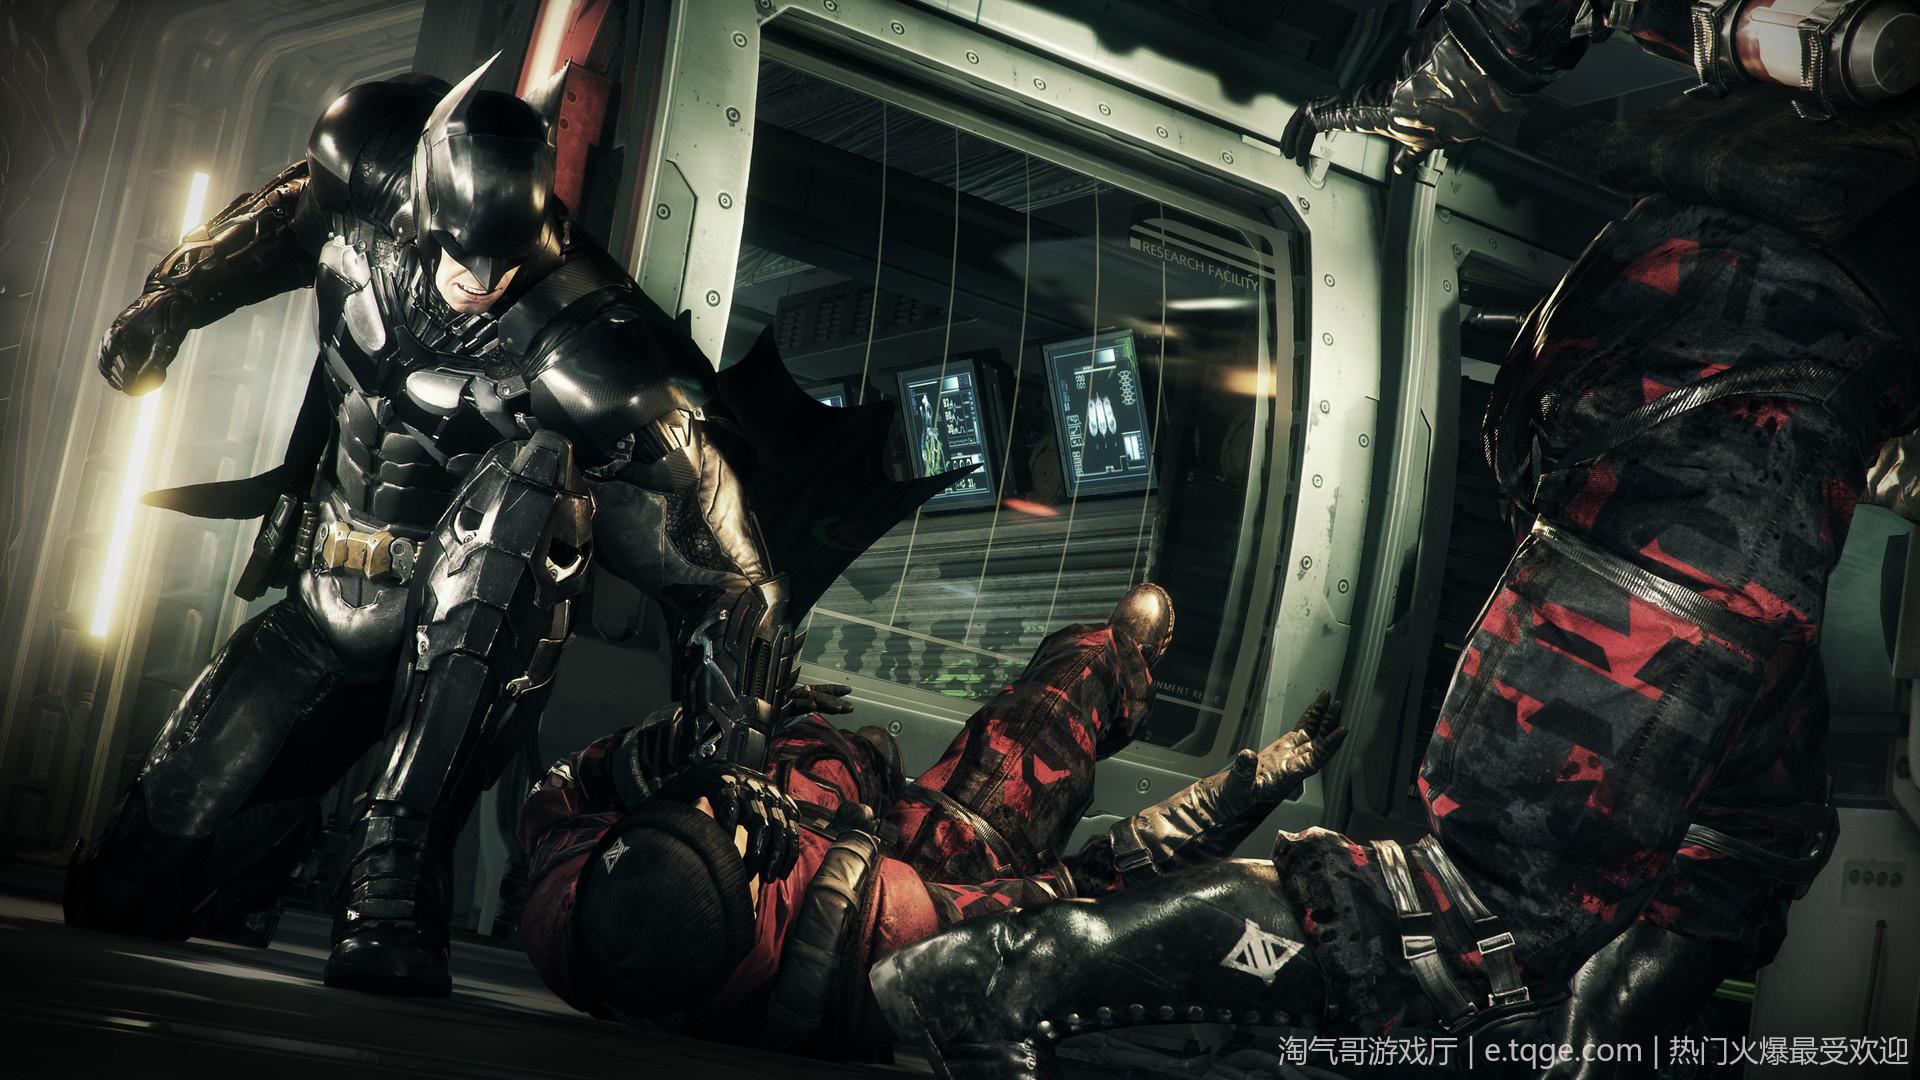 蝙蝠侠:阿卡姆骑士/阿甘骑士 全DLC版 动作冒险 第4张